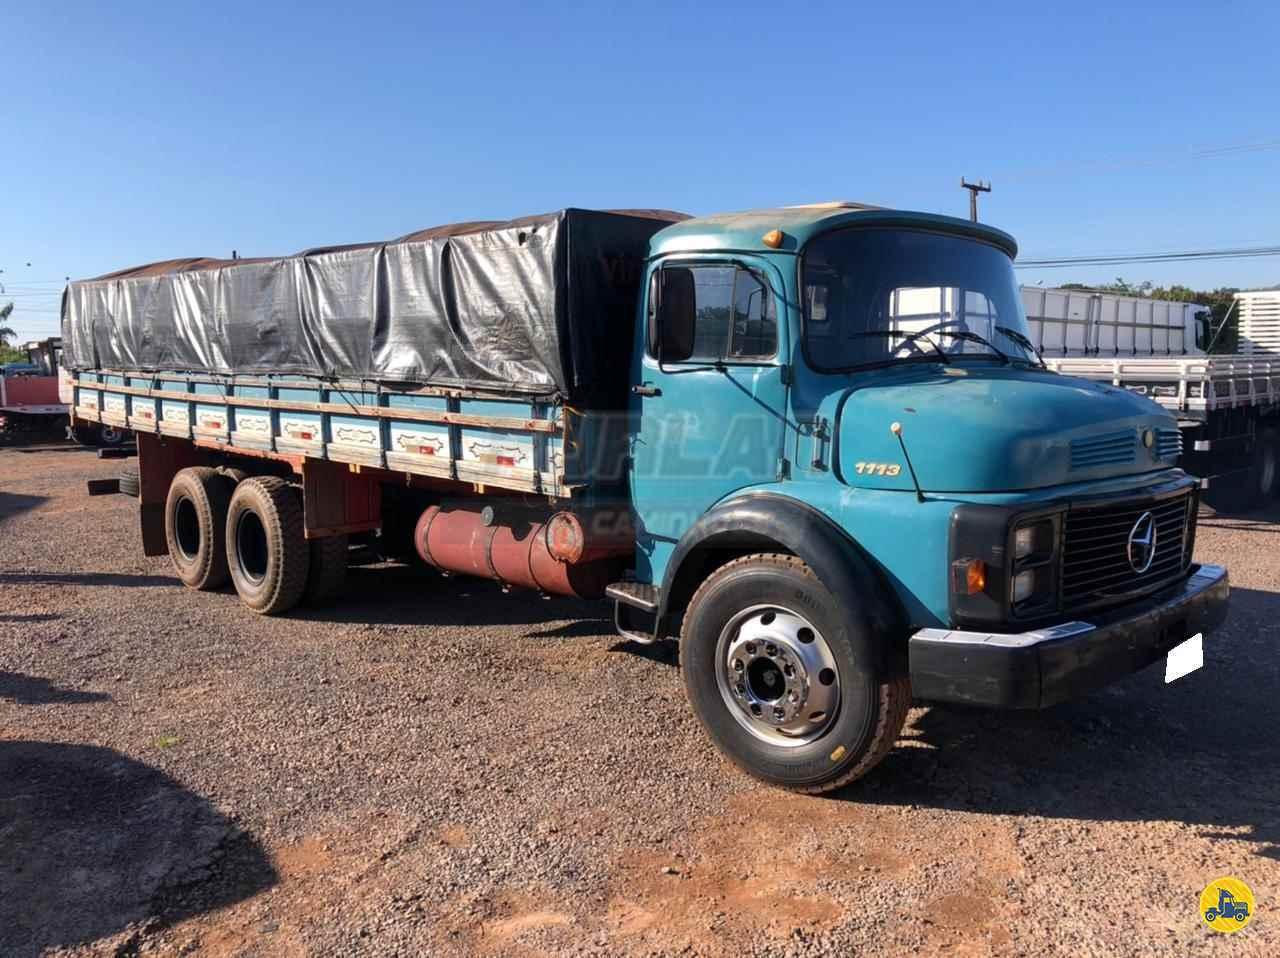 CAMINHAO MERCEDES-BENZ MB 1113 Graneleiro Truck 6x2 Furlan Caminhões UMUARAMA PARANÁ PR